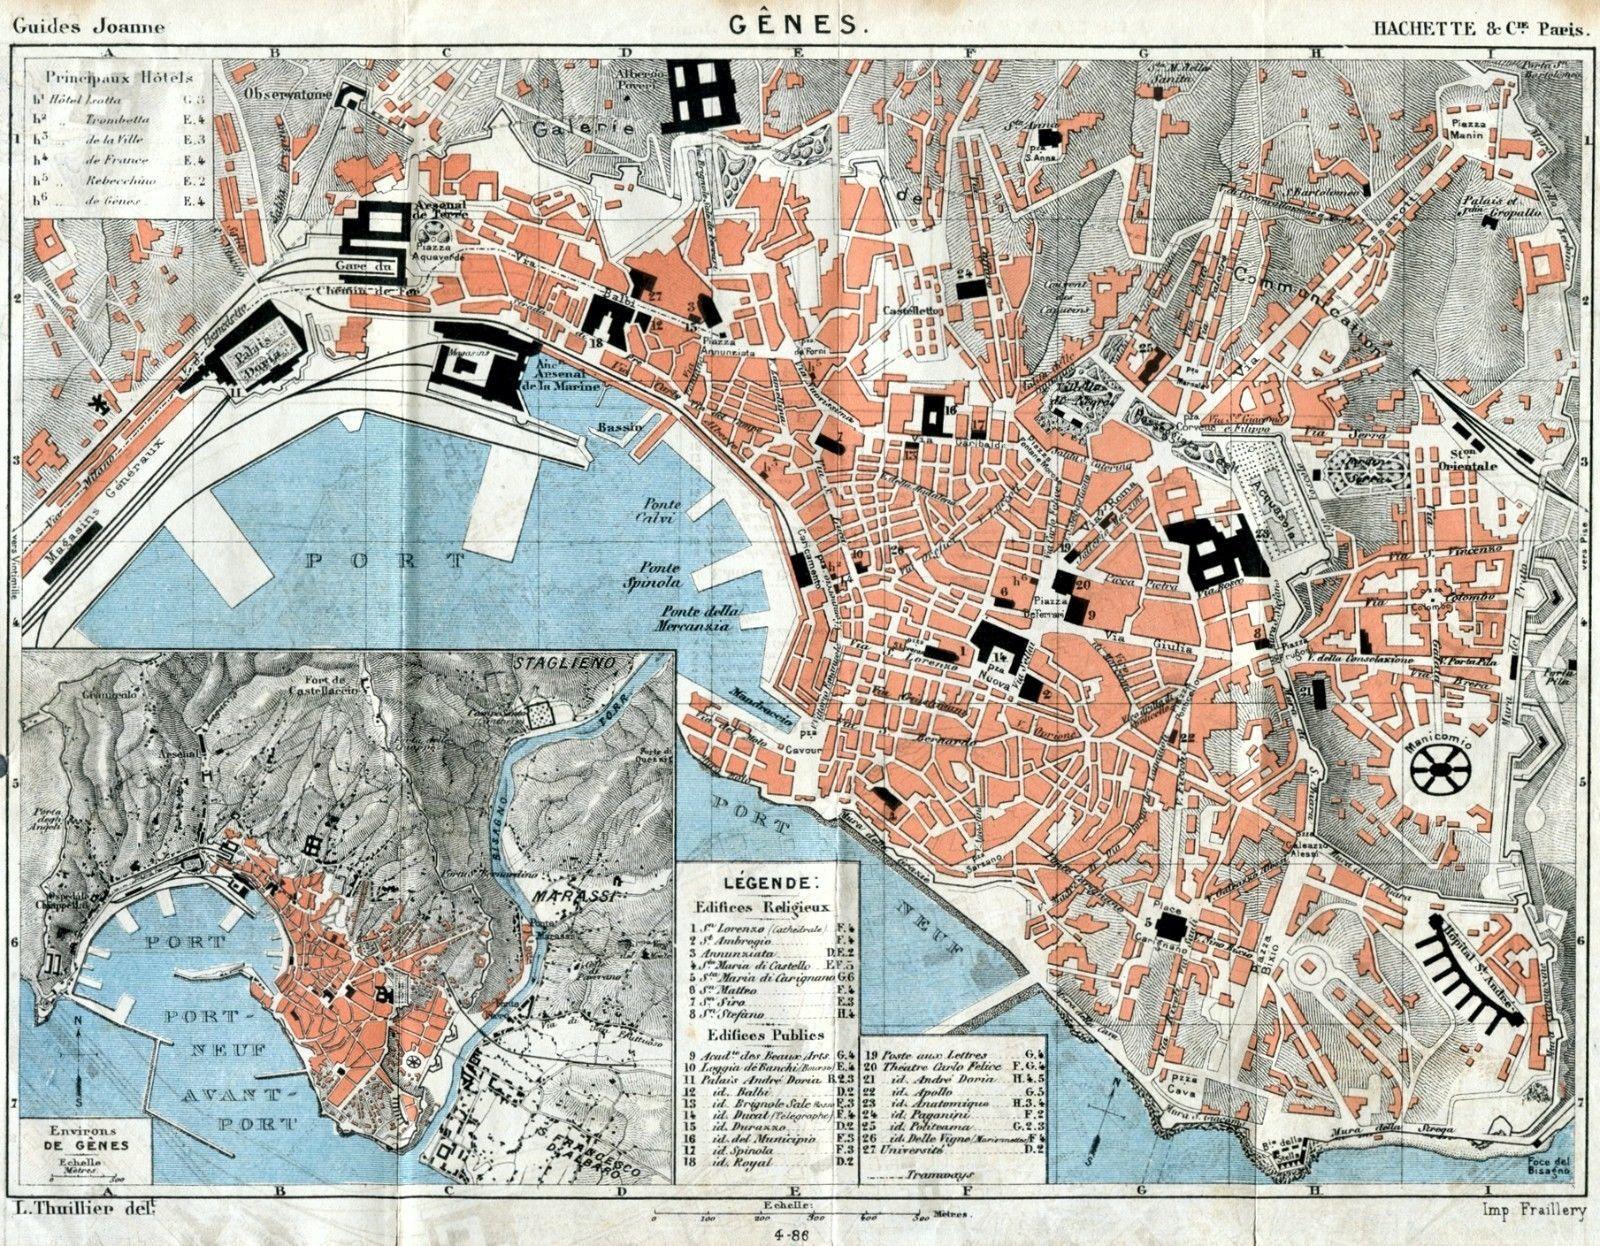 Cartina Topografica.Pianta Di Genova Carta Topografica Joanne Cromolitografia Passepartout 1886 Genova Litografia Piante